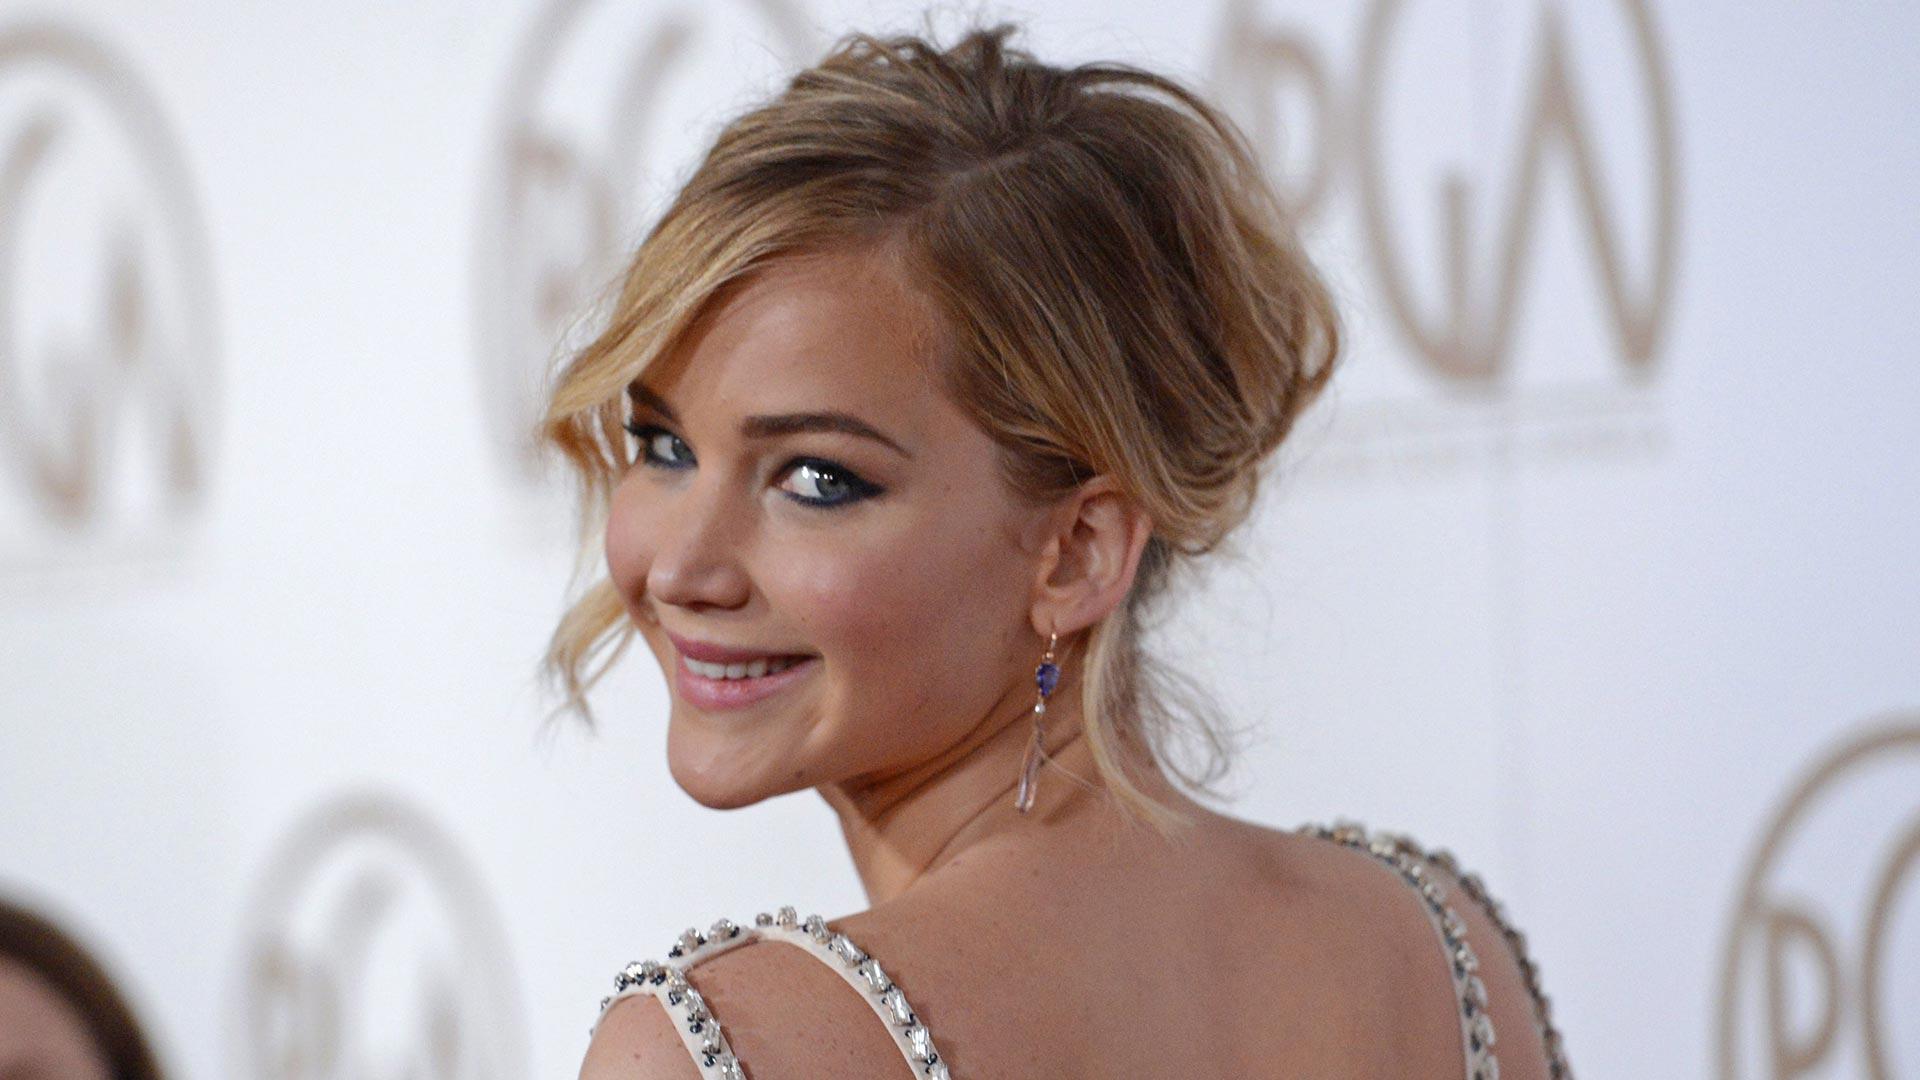 La actriz estadounidense ocupó el décimo lugar.